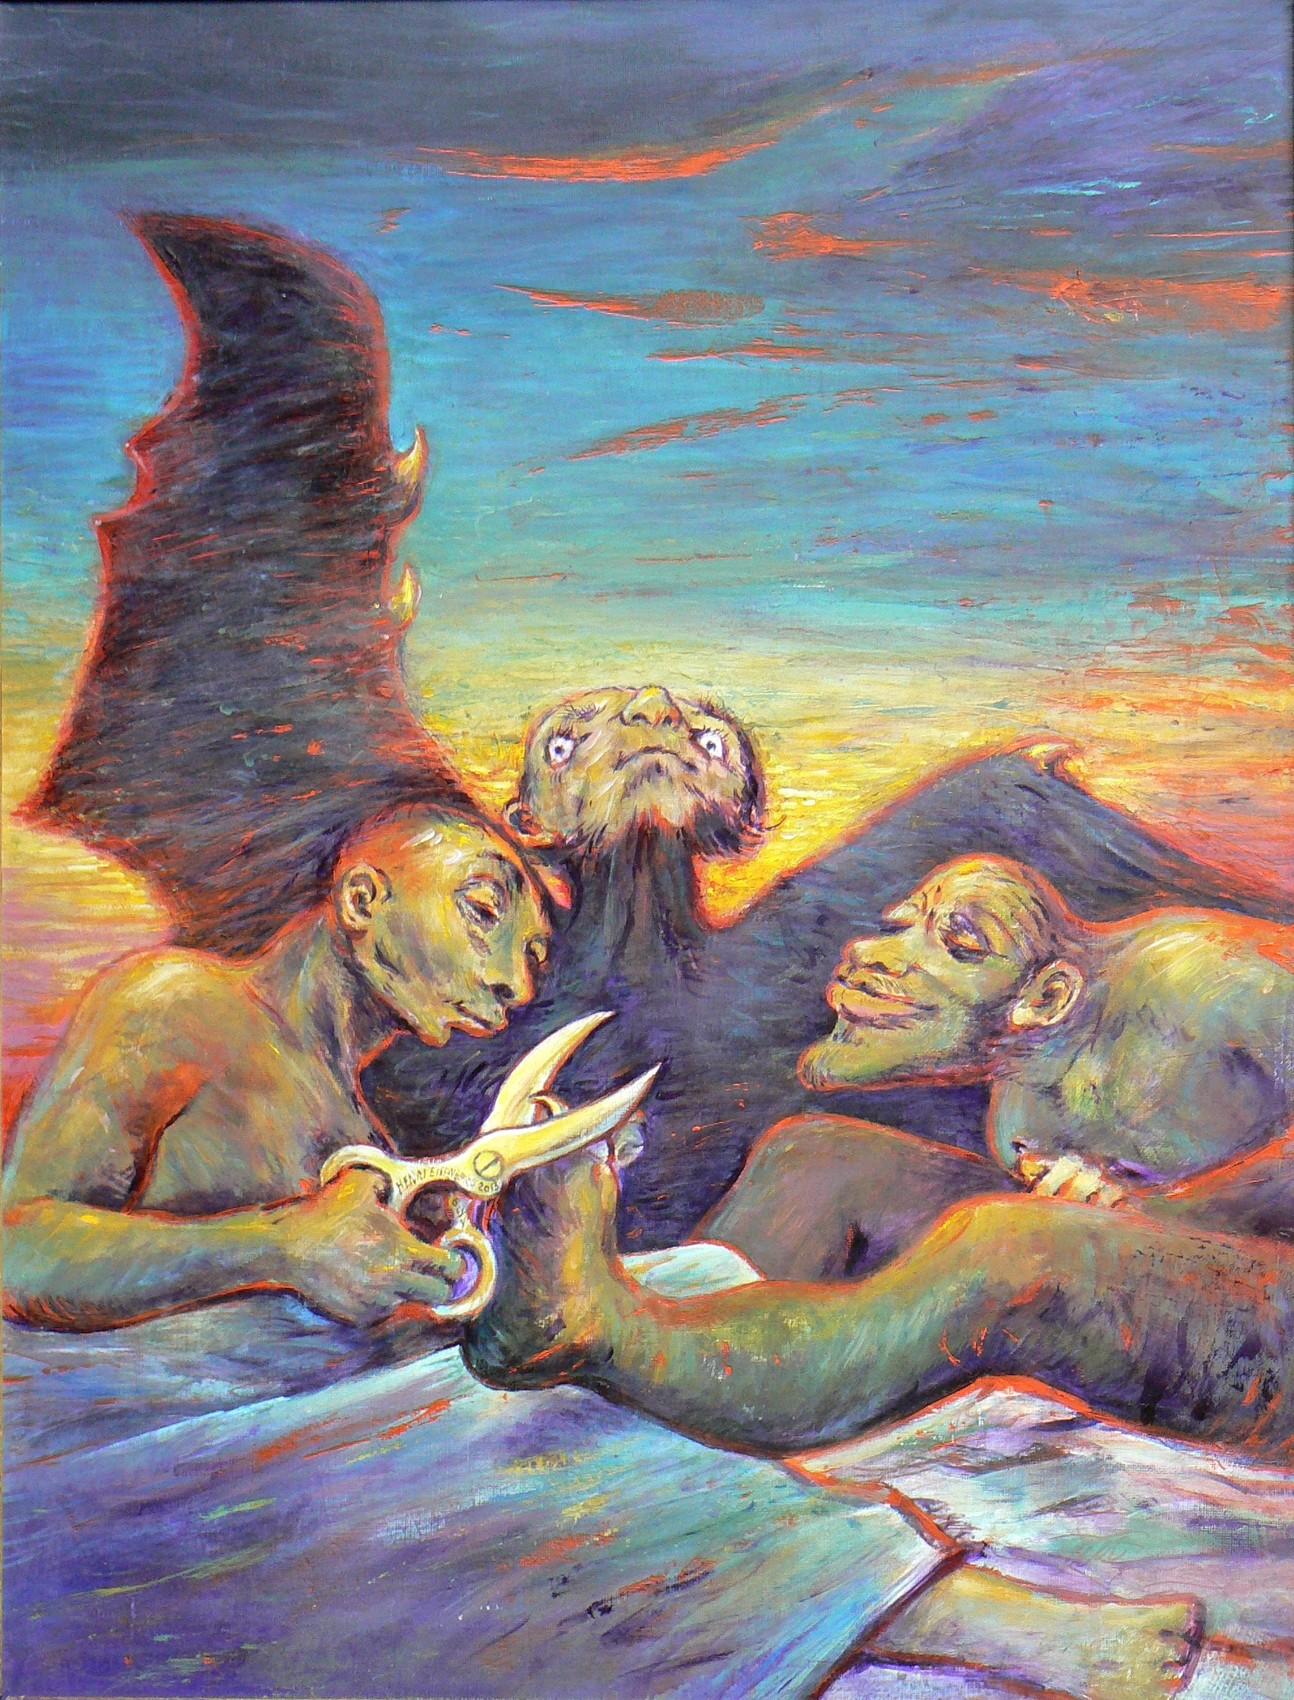 Ils se bichonnent. (Hommage à Goya.)